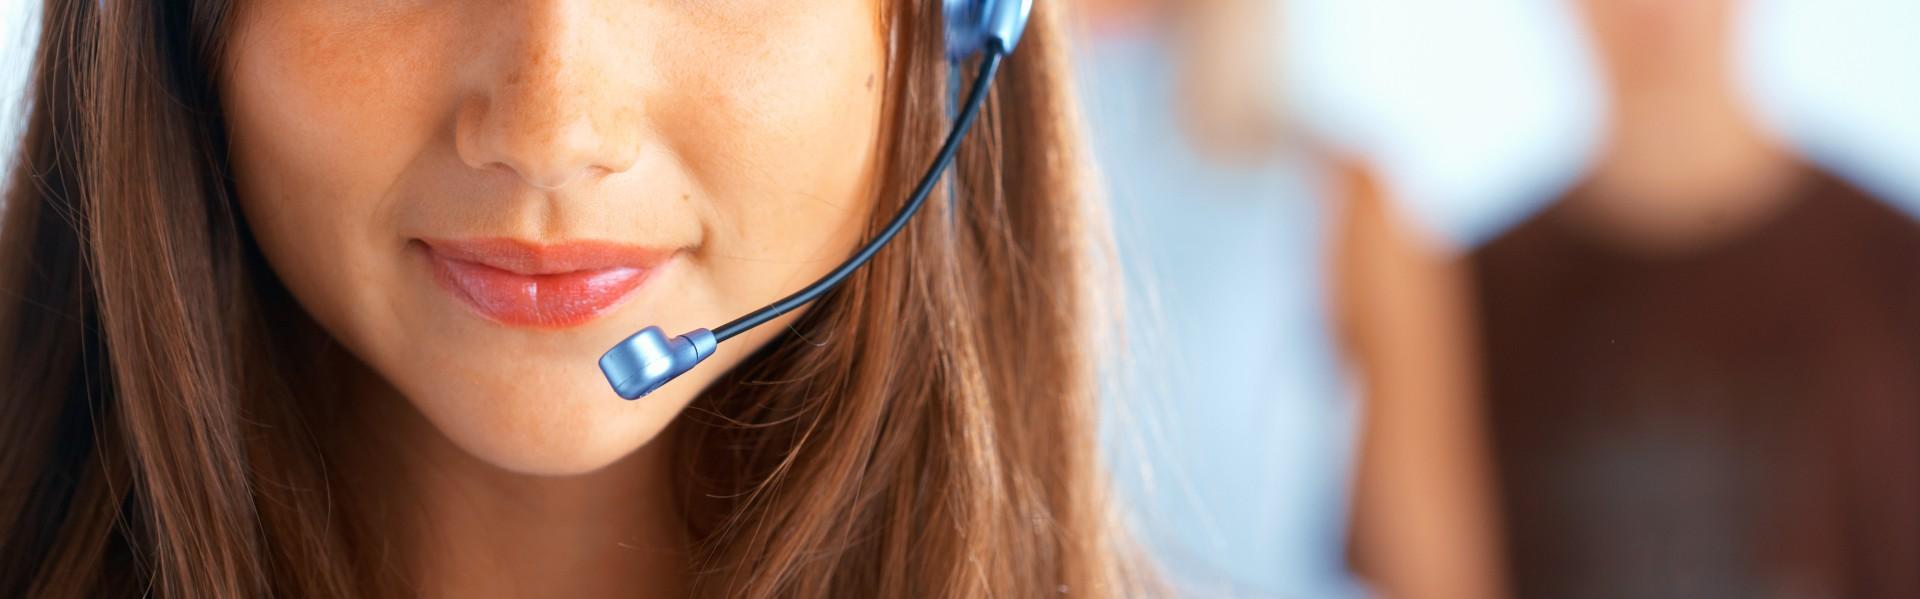 NoMissedCalls.co.uk Telephone Answering Service